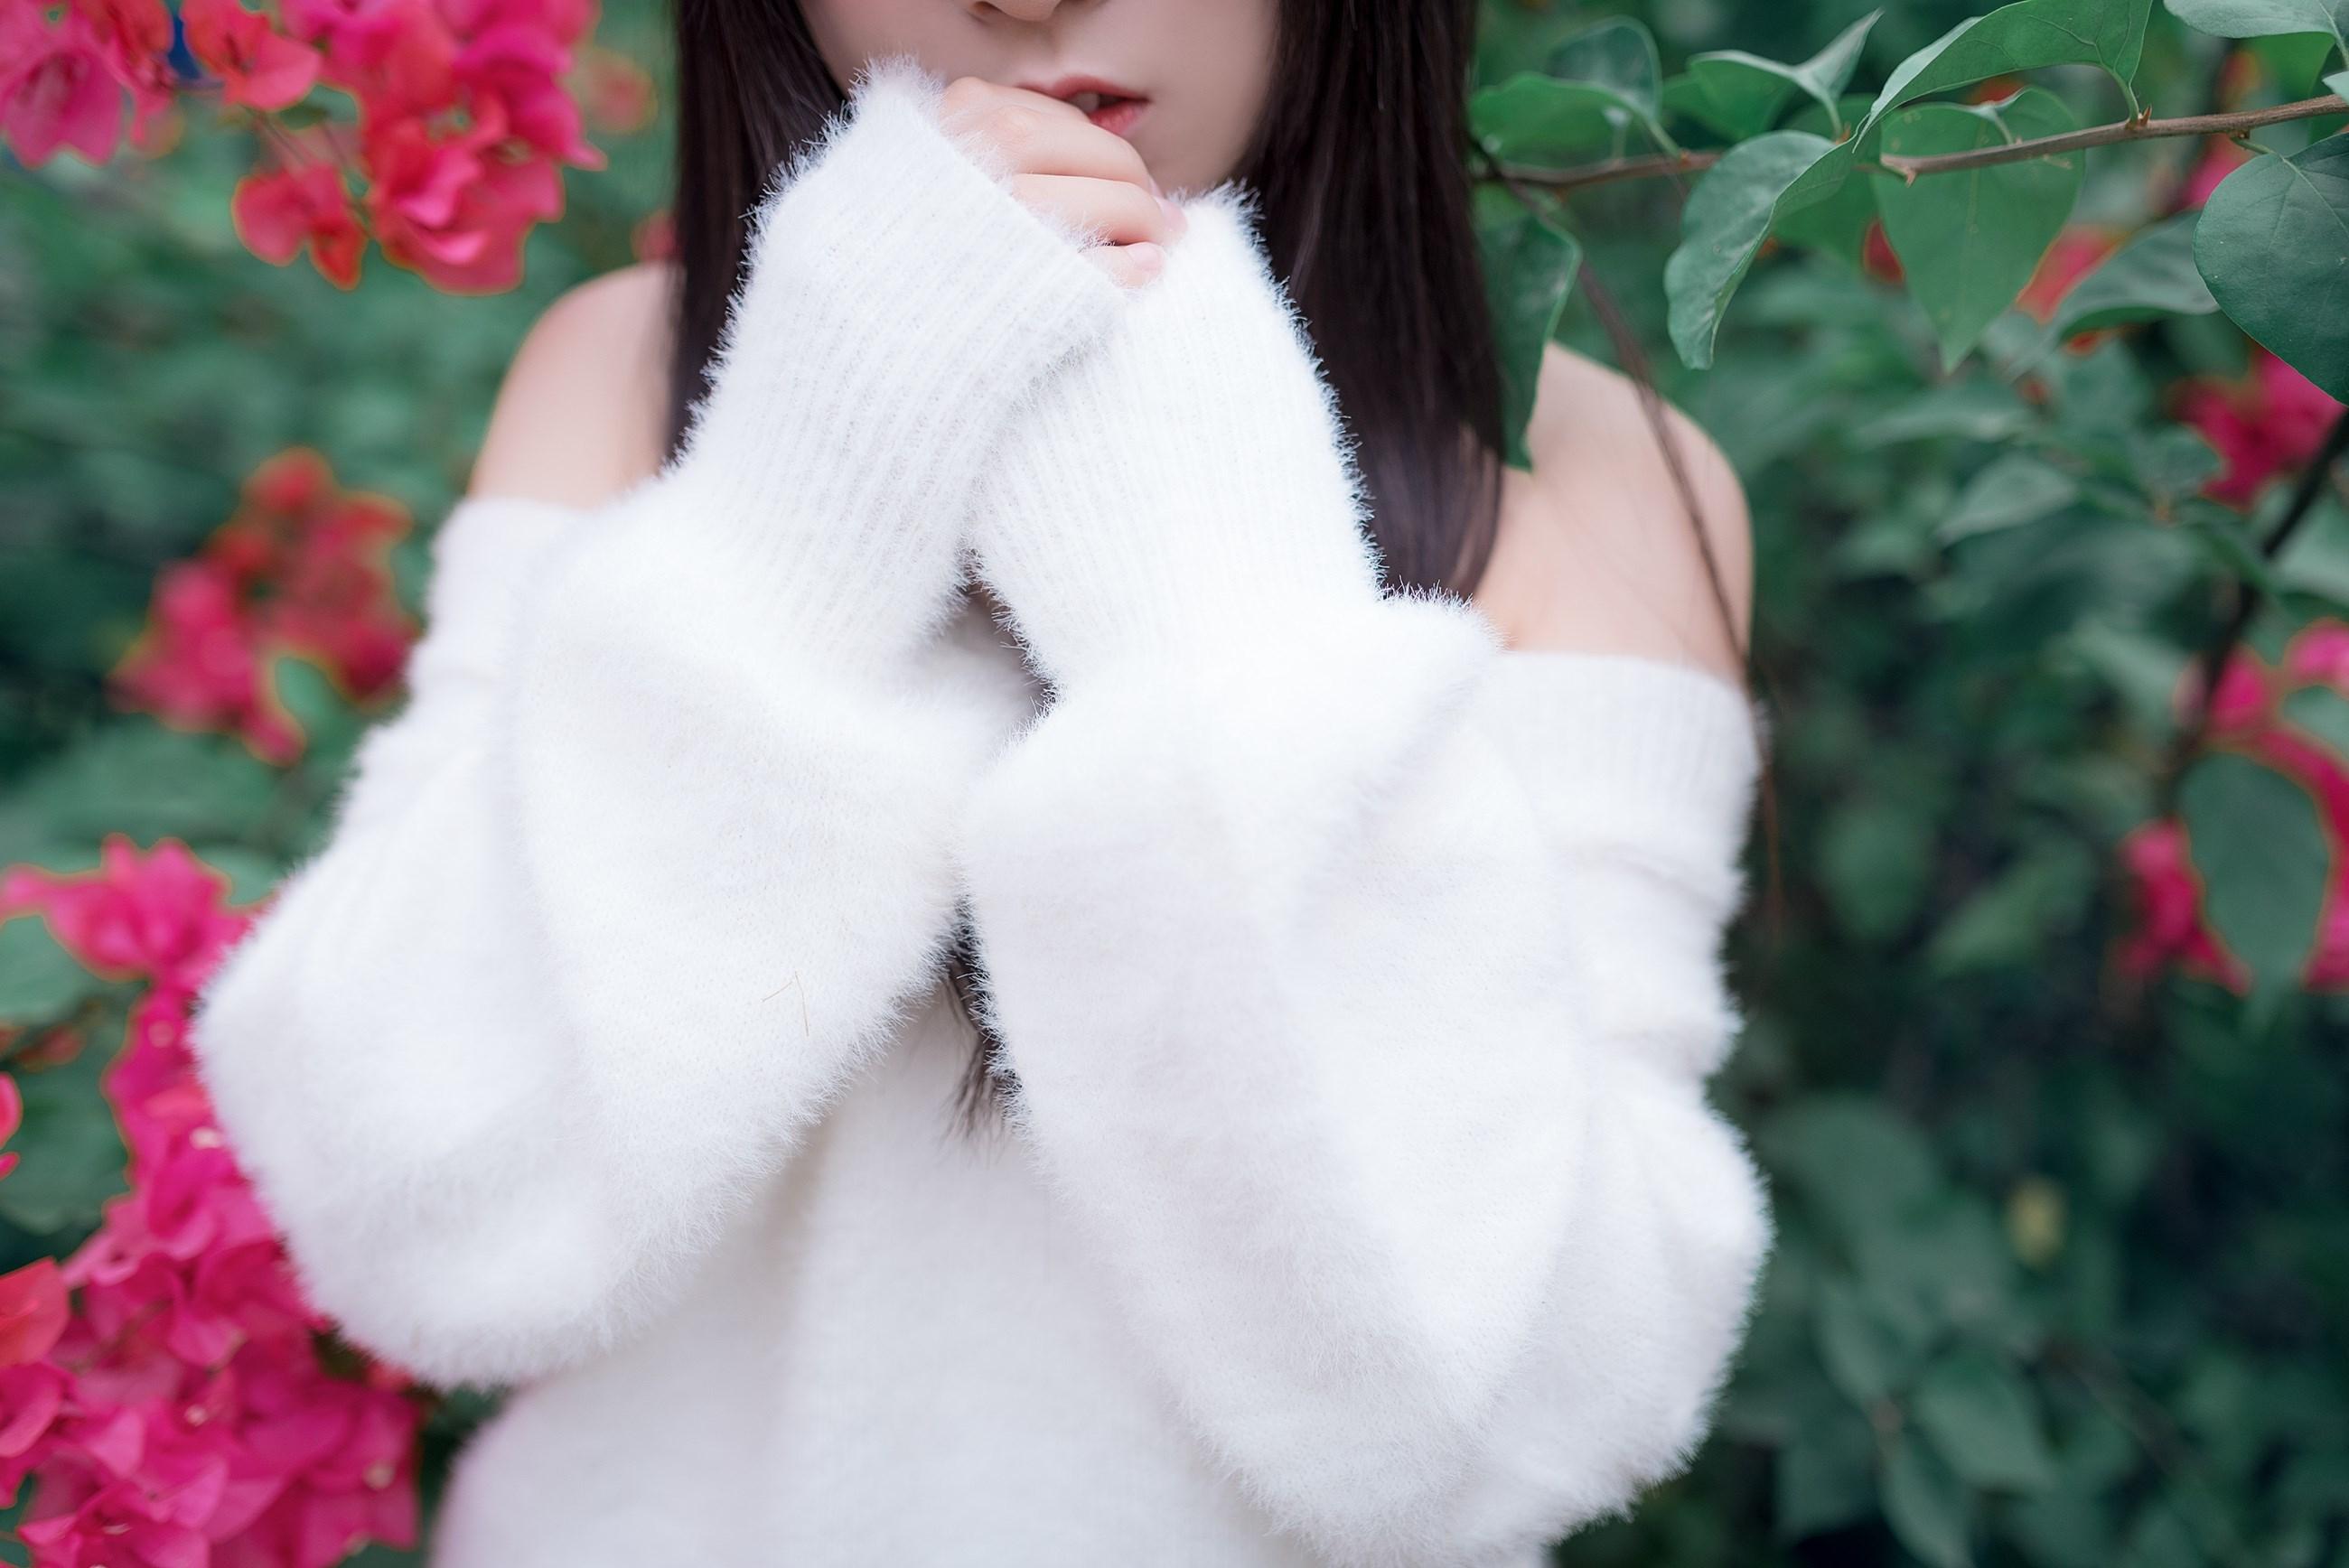 【兔玩映画】肩上的花 兔玩映画 第28张